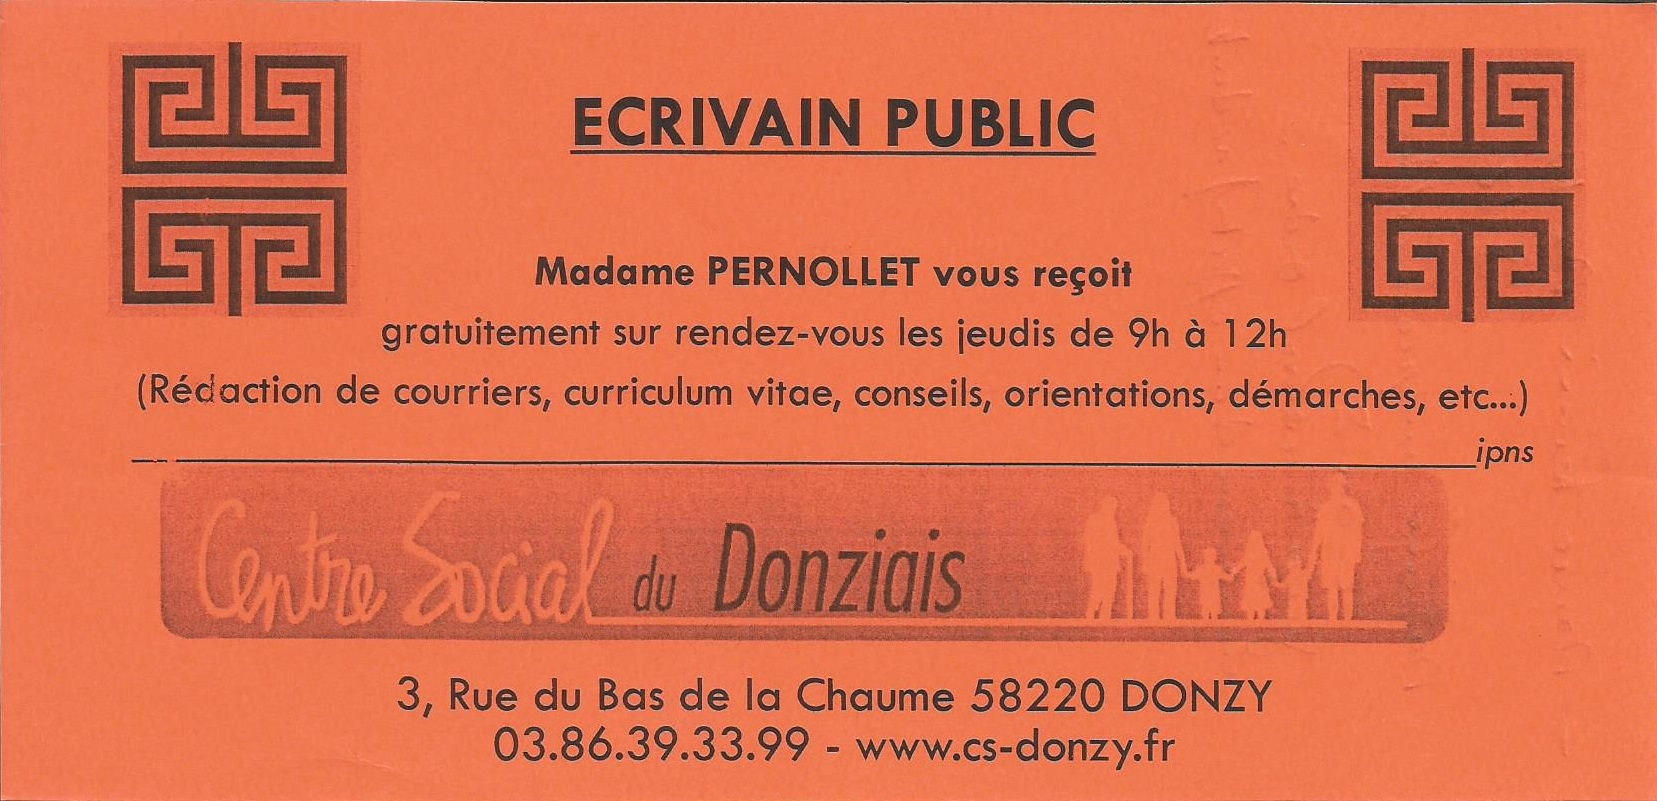 ecrivain-public-donzy